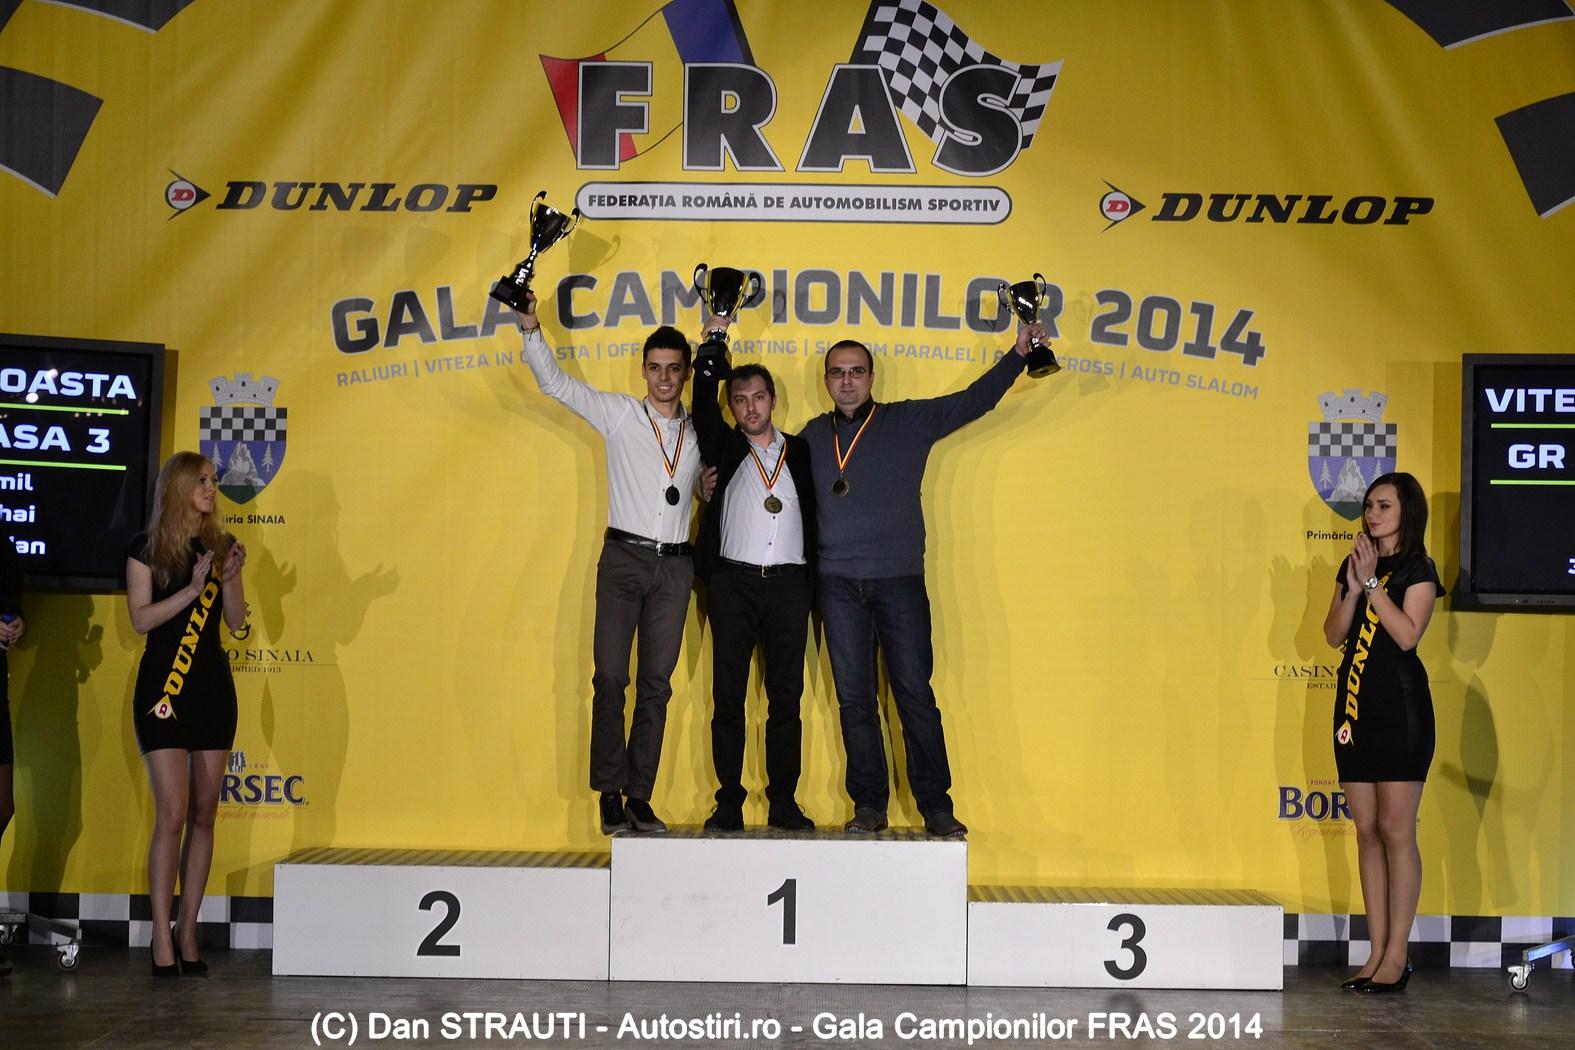 Gala Campionilor FRAS 2014: Emil Ghinea revine pe podium